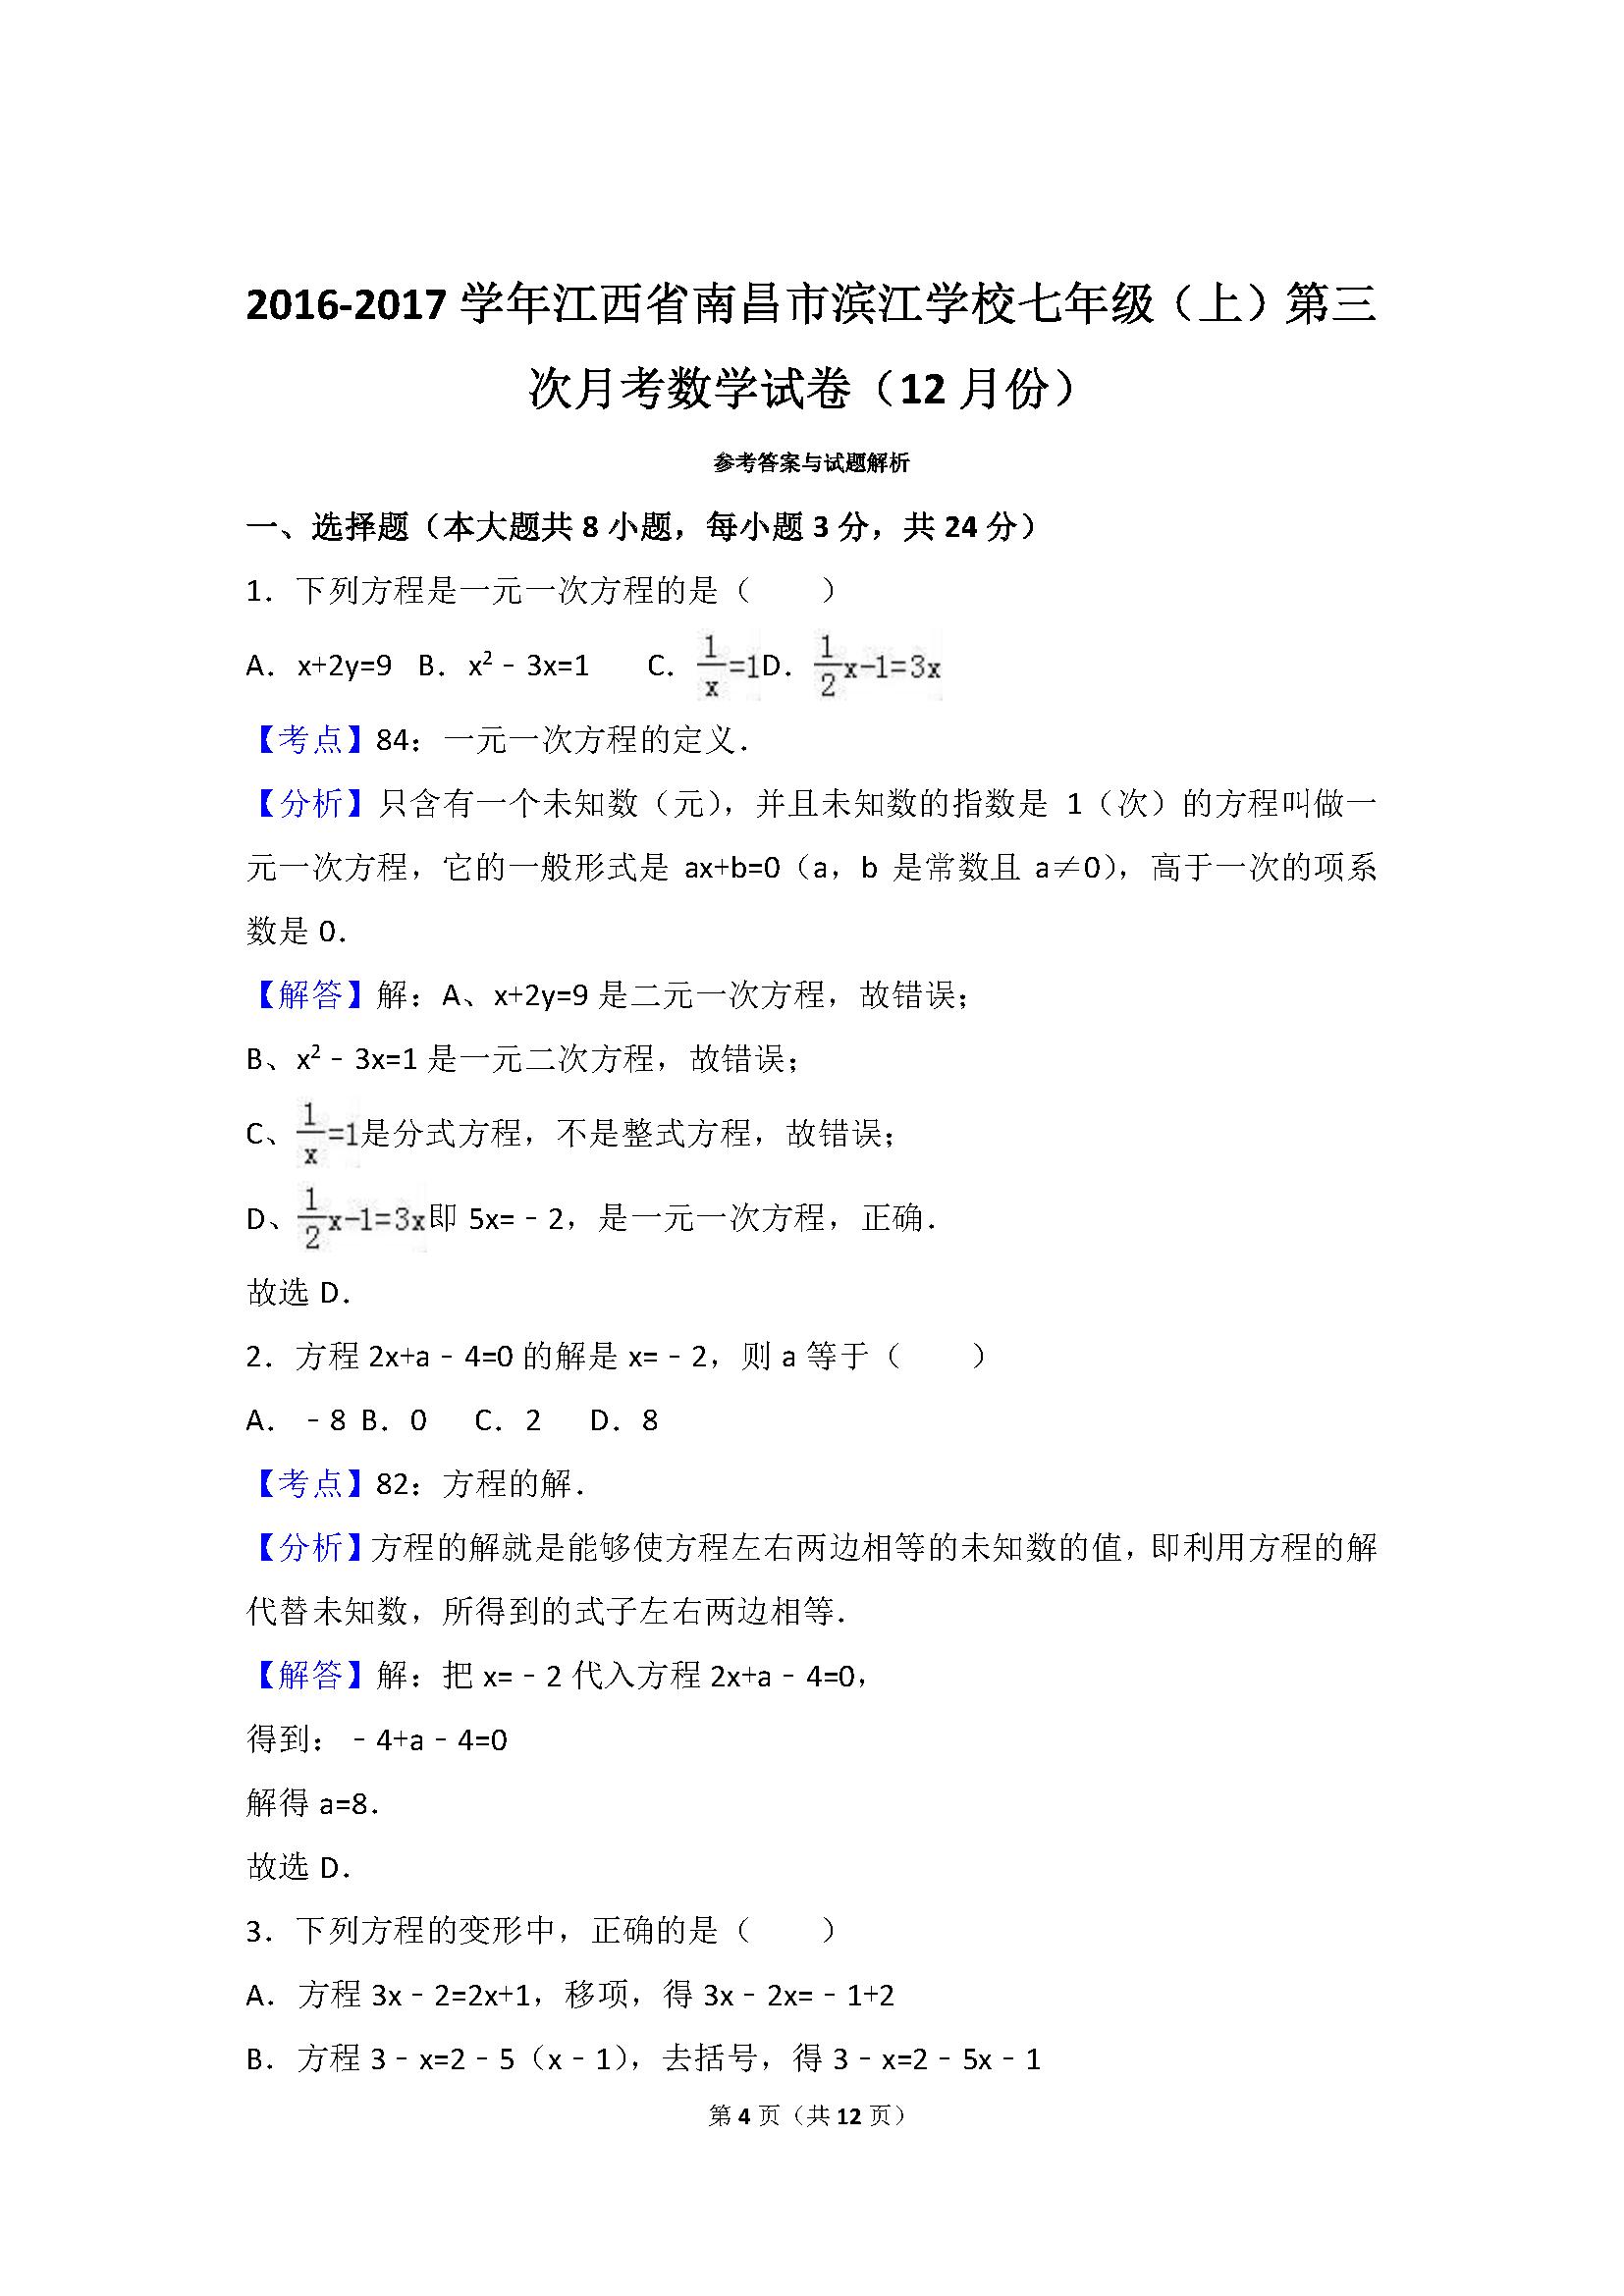 2017江西南昌七年级上第三次月考数学试卷答案(图片版)